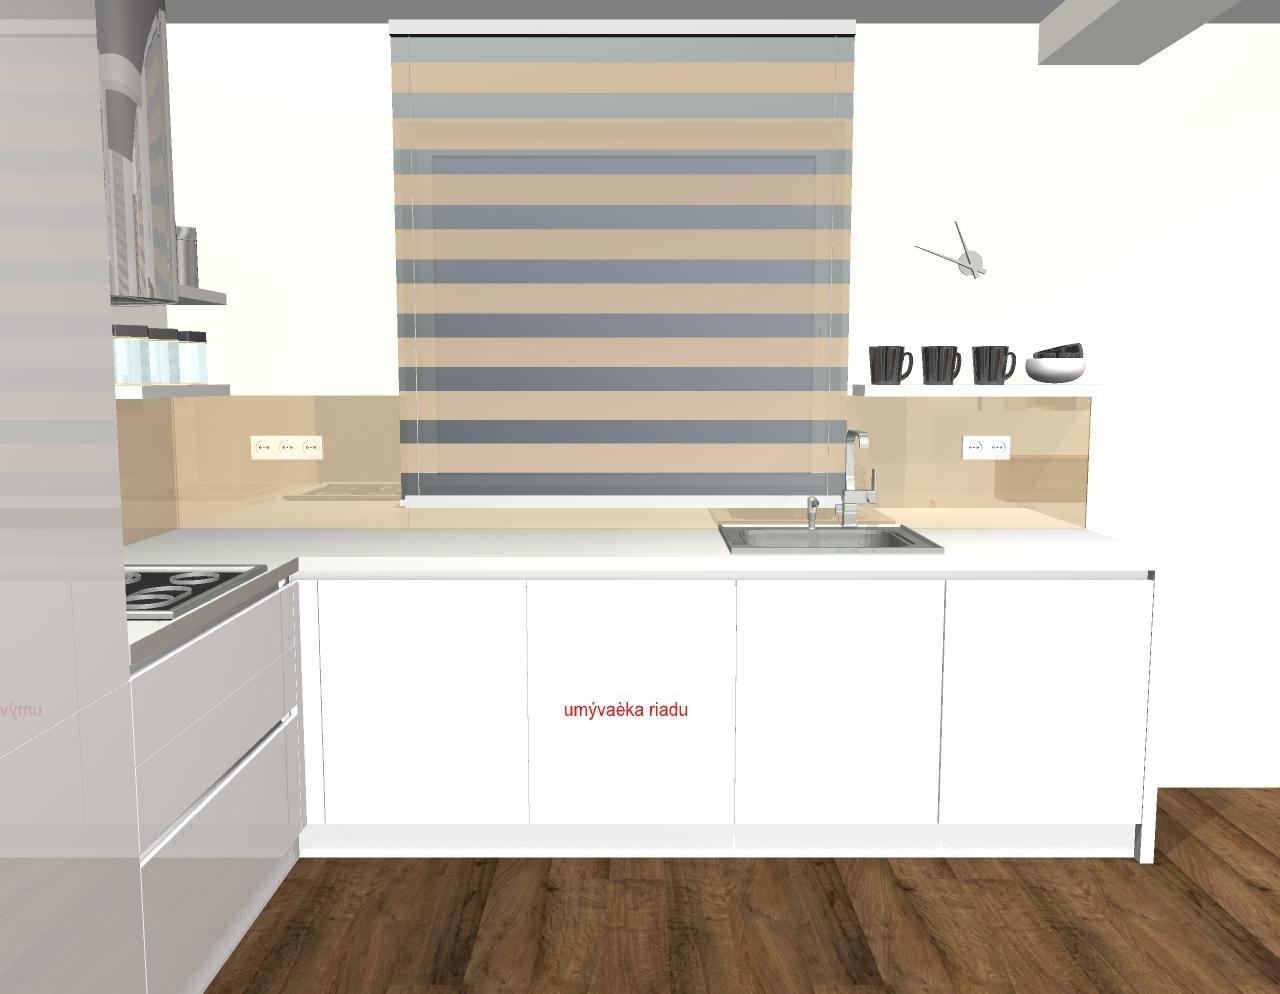 Grafické návrhy kuchyňa + obývačka - grafický návrh kuchyne v modernom štýle - verzia 1 - obr. 4